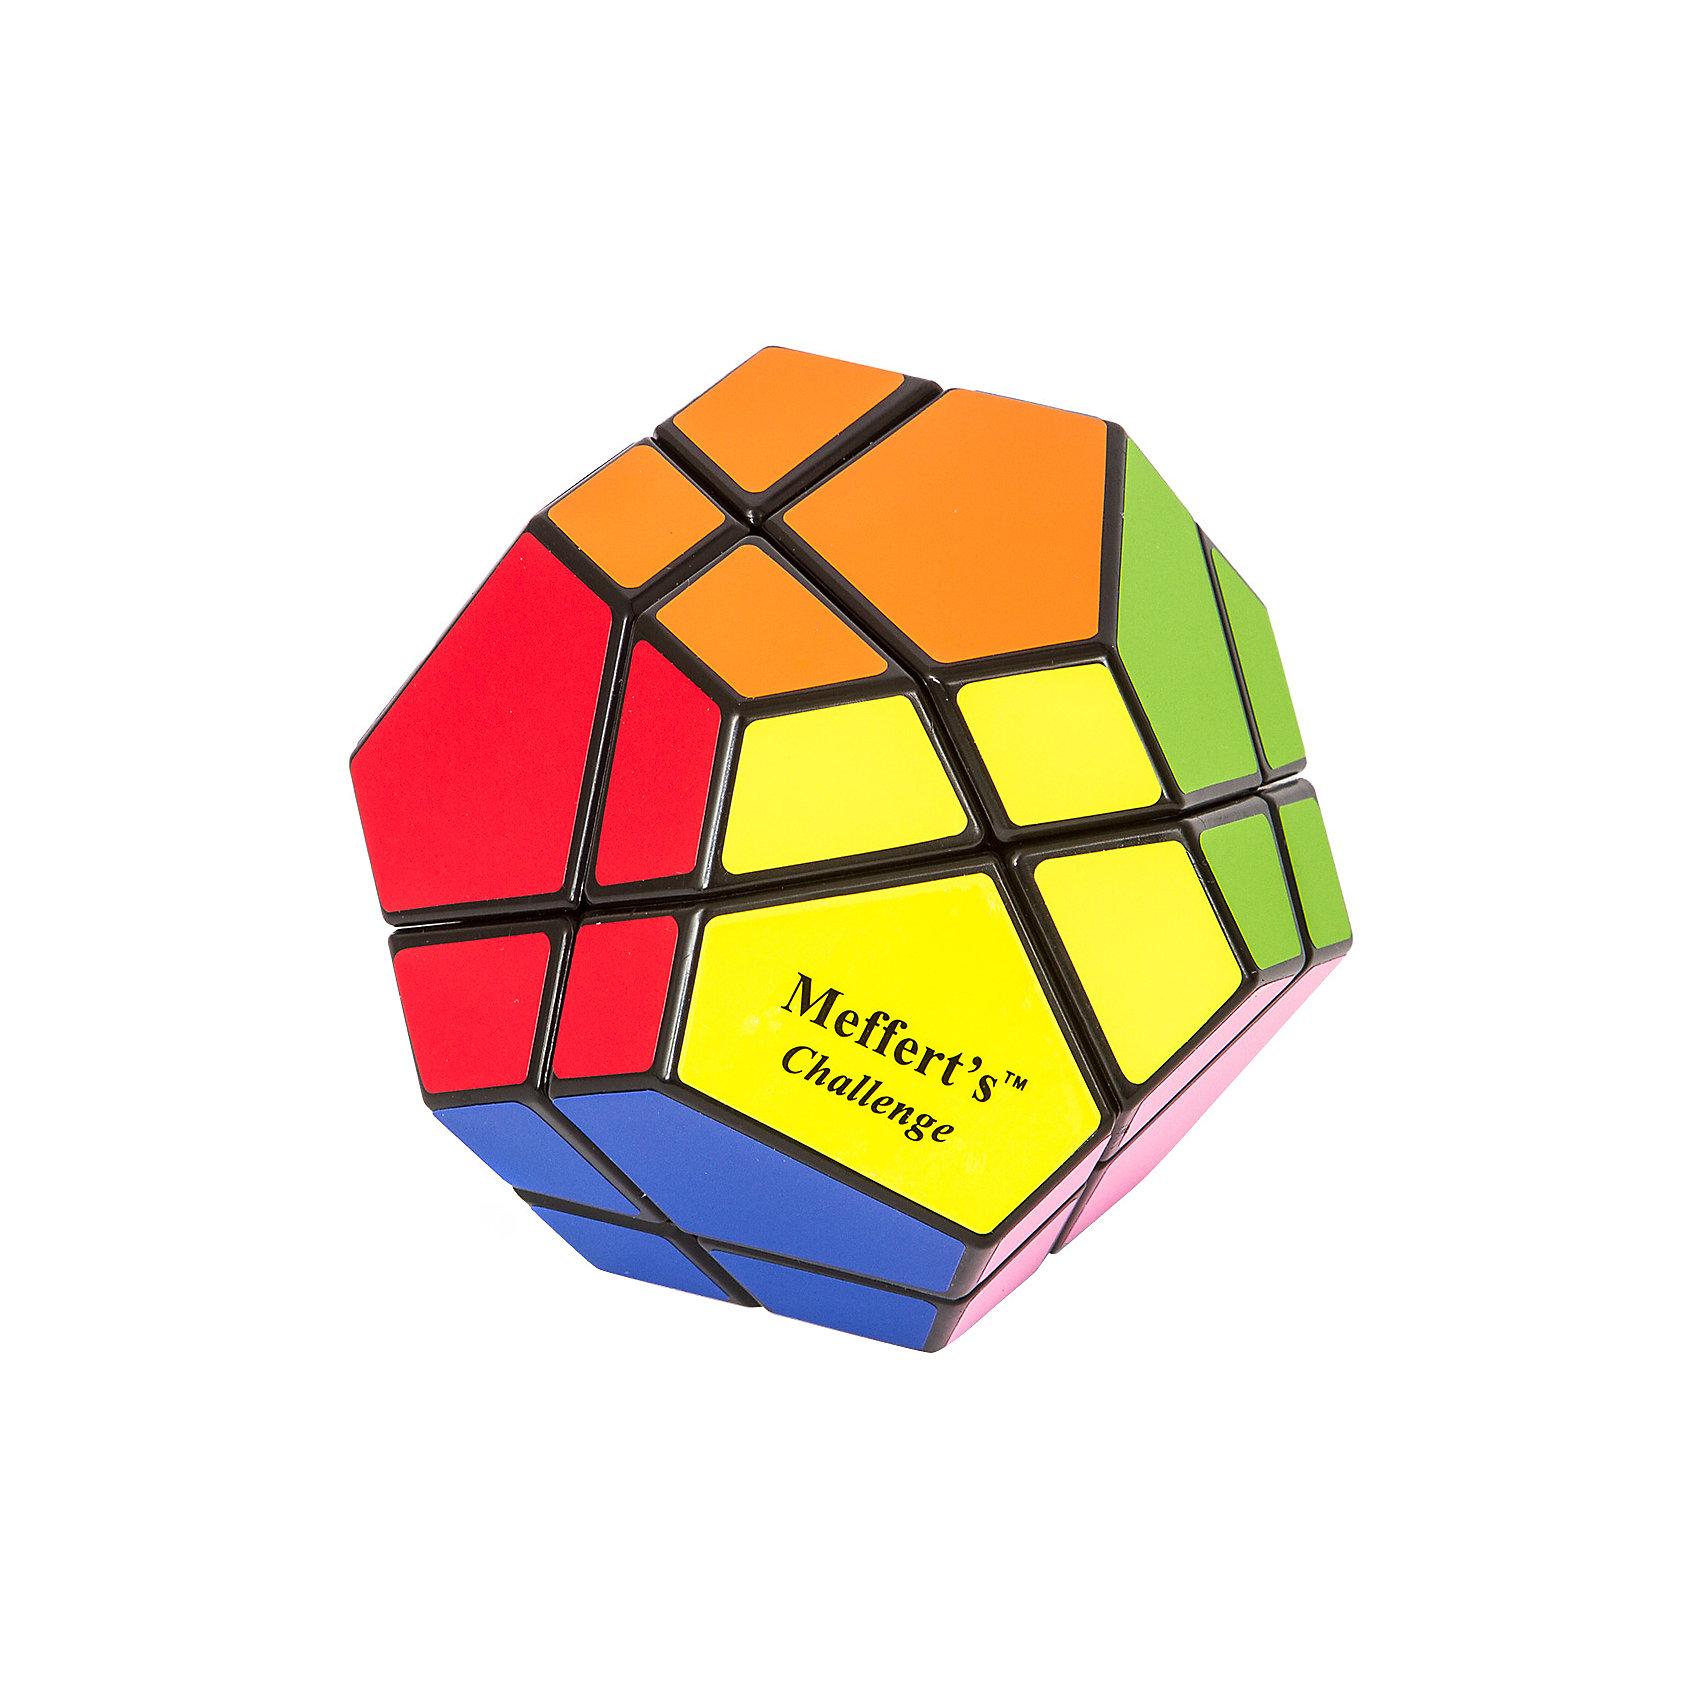 Головоломка Скьюб, MeffertsОбъёмные головоломки<br>Головоломка Скьюб, Mefferts.<br><br>Характеристики:<br><br>- Размер: 85х85 мм.<br>- Количество цветов: 12 цветов<br>- Материал: пластик<br>- Лицензионное качество Mefferts: виниловые наклейки, механизм с микро-фиксацией поворотов<br>- Превосходная подарочная упаковка<br><br>Скьюб – это уникальная головоломка от изобретателя Пирамидки! Головоломка Скьюб – это всего 100 миллионов комбинаций и лишь 1 решение. Это самая сложная разновидность Скьюба - версия Ultimate у которой 12 цветов и хотя это в 2 раза больше чем у кубика Рубика, не стоит делать поспешных выводов о ее сверх сложности. Посчитано, что в теории Скьюб можно собрать, сделав не более 14 поворотов! Форма головоломки - додекаэдр, равностороннее 12-гранное геометрическое тело. Каждую из сторон головоломки крест-накрест разрезают 2 линии, образующие элементы двух видов: маленькие трехцветные и большие четырехцветные. Оба разреза проходят насквозь через всю игрушку каждый раз, разделяя ее ровно на 2 половины. Цель - собрать все элементы одного цвета на одной стороне. Скьюб от Mefferts - это настоящий вызов, редкость и раритет, который высоко ценится коллекционерами и любителями механических головоломок.<br><br>Головоломку Скьюб, Mefferts можно купить в нашем интернет-магазине.<br><br>Ширина мм: 105<br>Глубина мм: 110<br>Высота мм: 130<br>Вес г: 350<br>Возраст от месяцев: 84<br>Возраст до месяцев: 2147483647<br>Пол: Унисекс<br>Возраст: Детский<br>SKU: 5348109